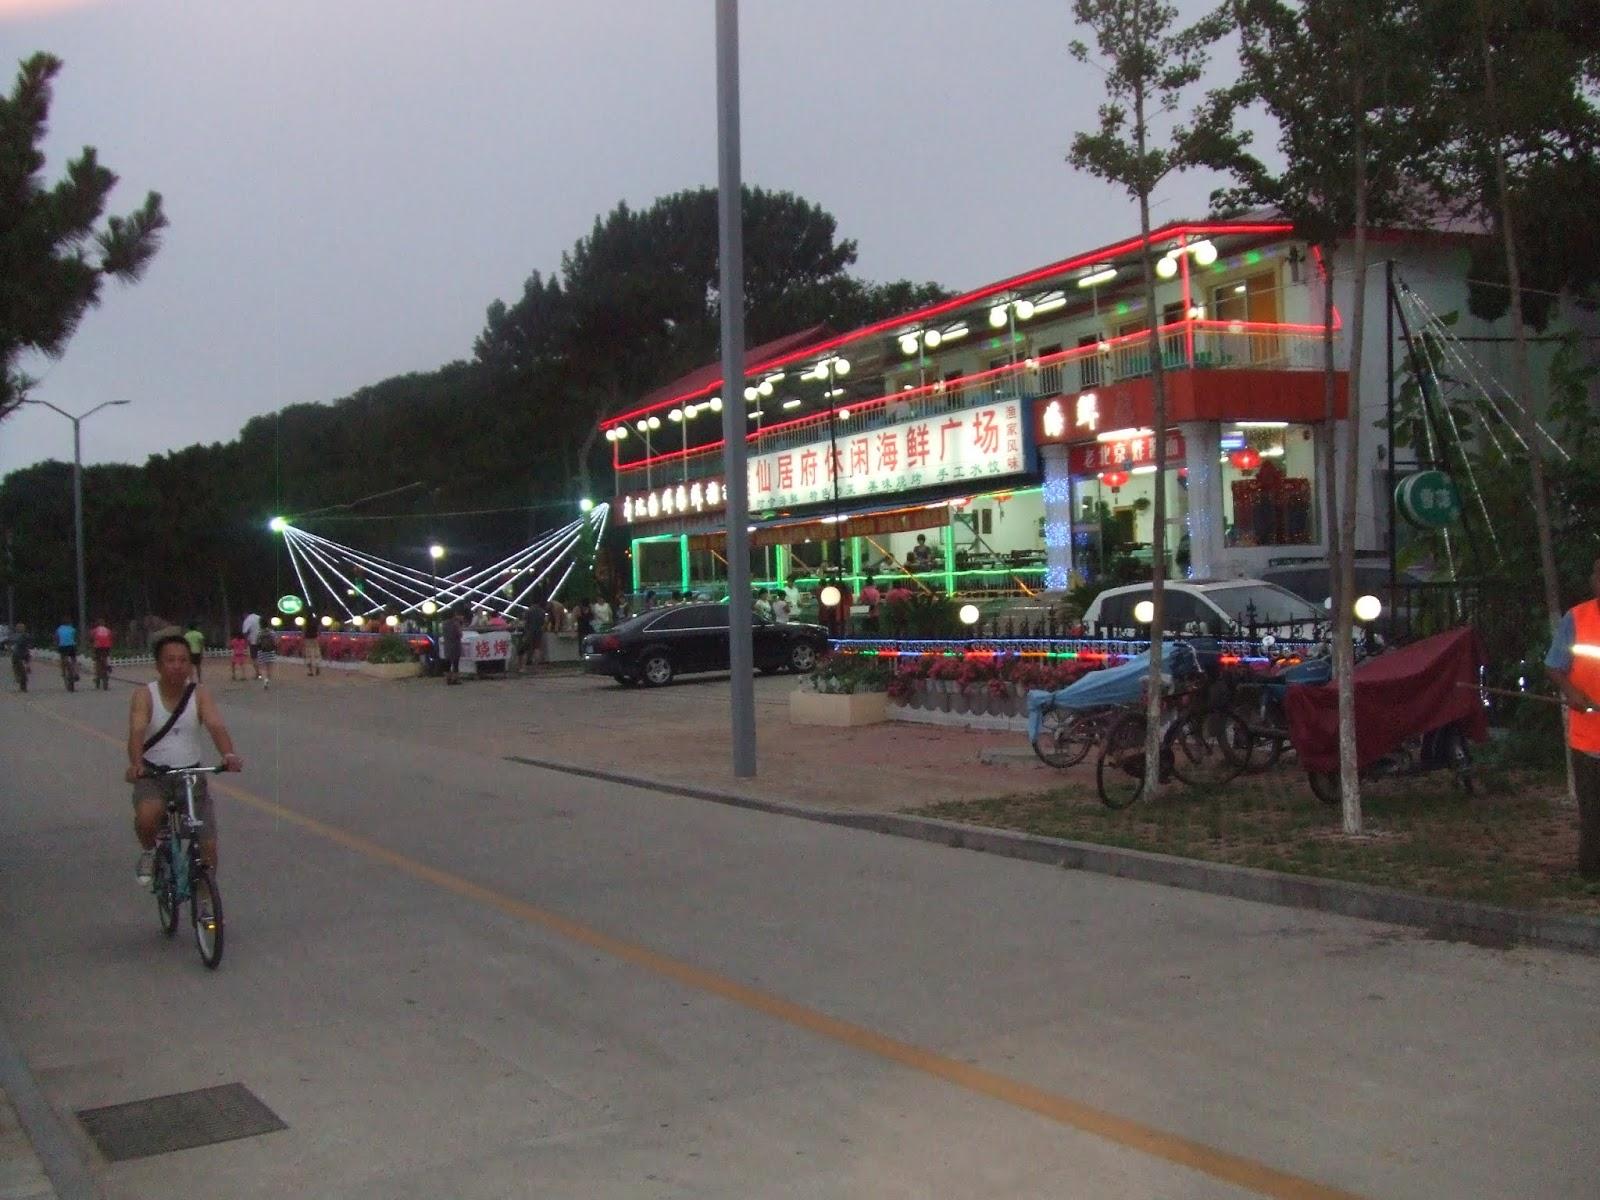 Restaurant mit roter und grüner Neonbeleuchtung